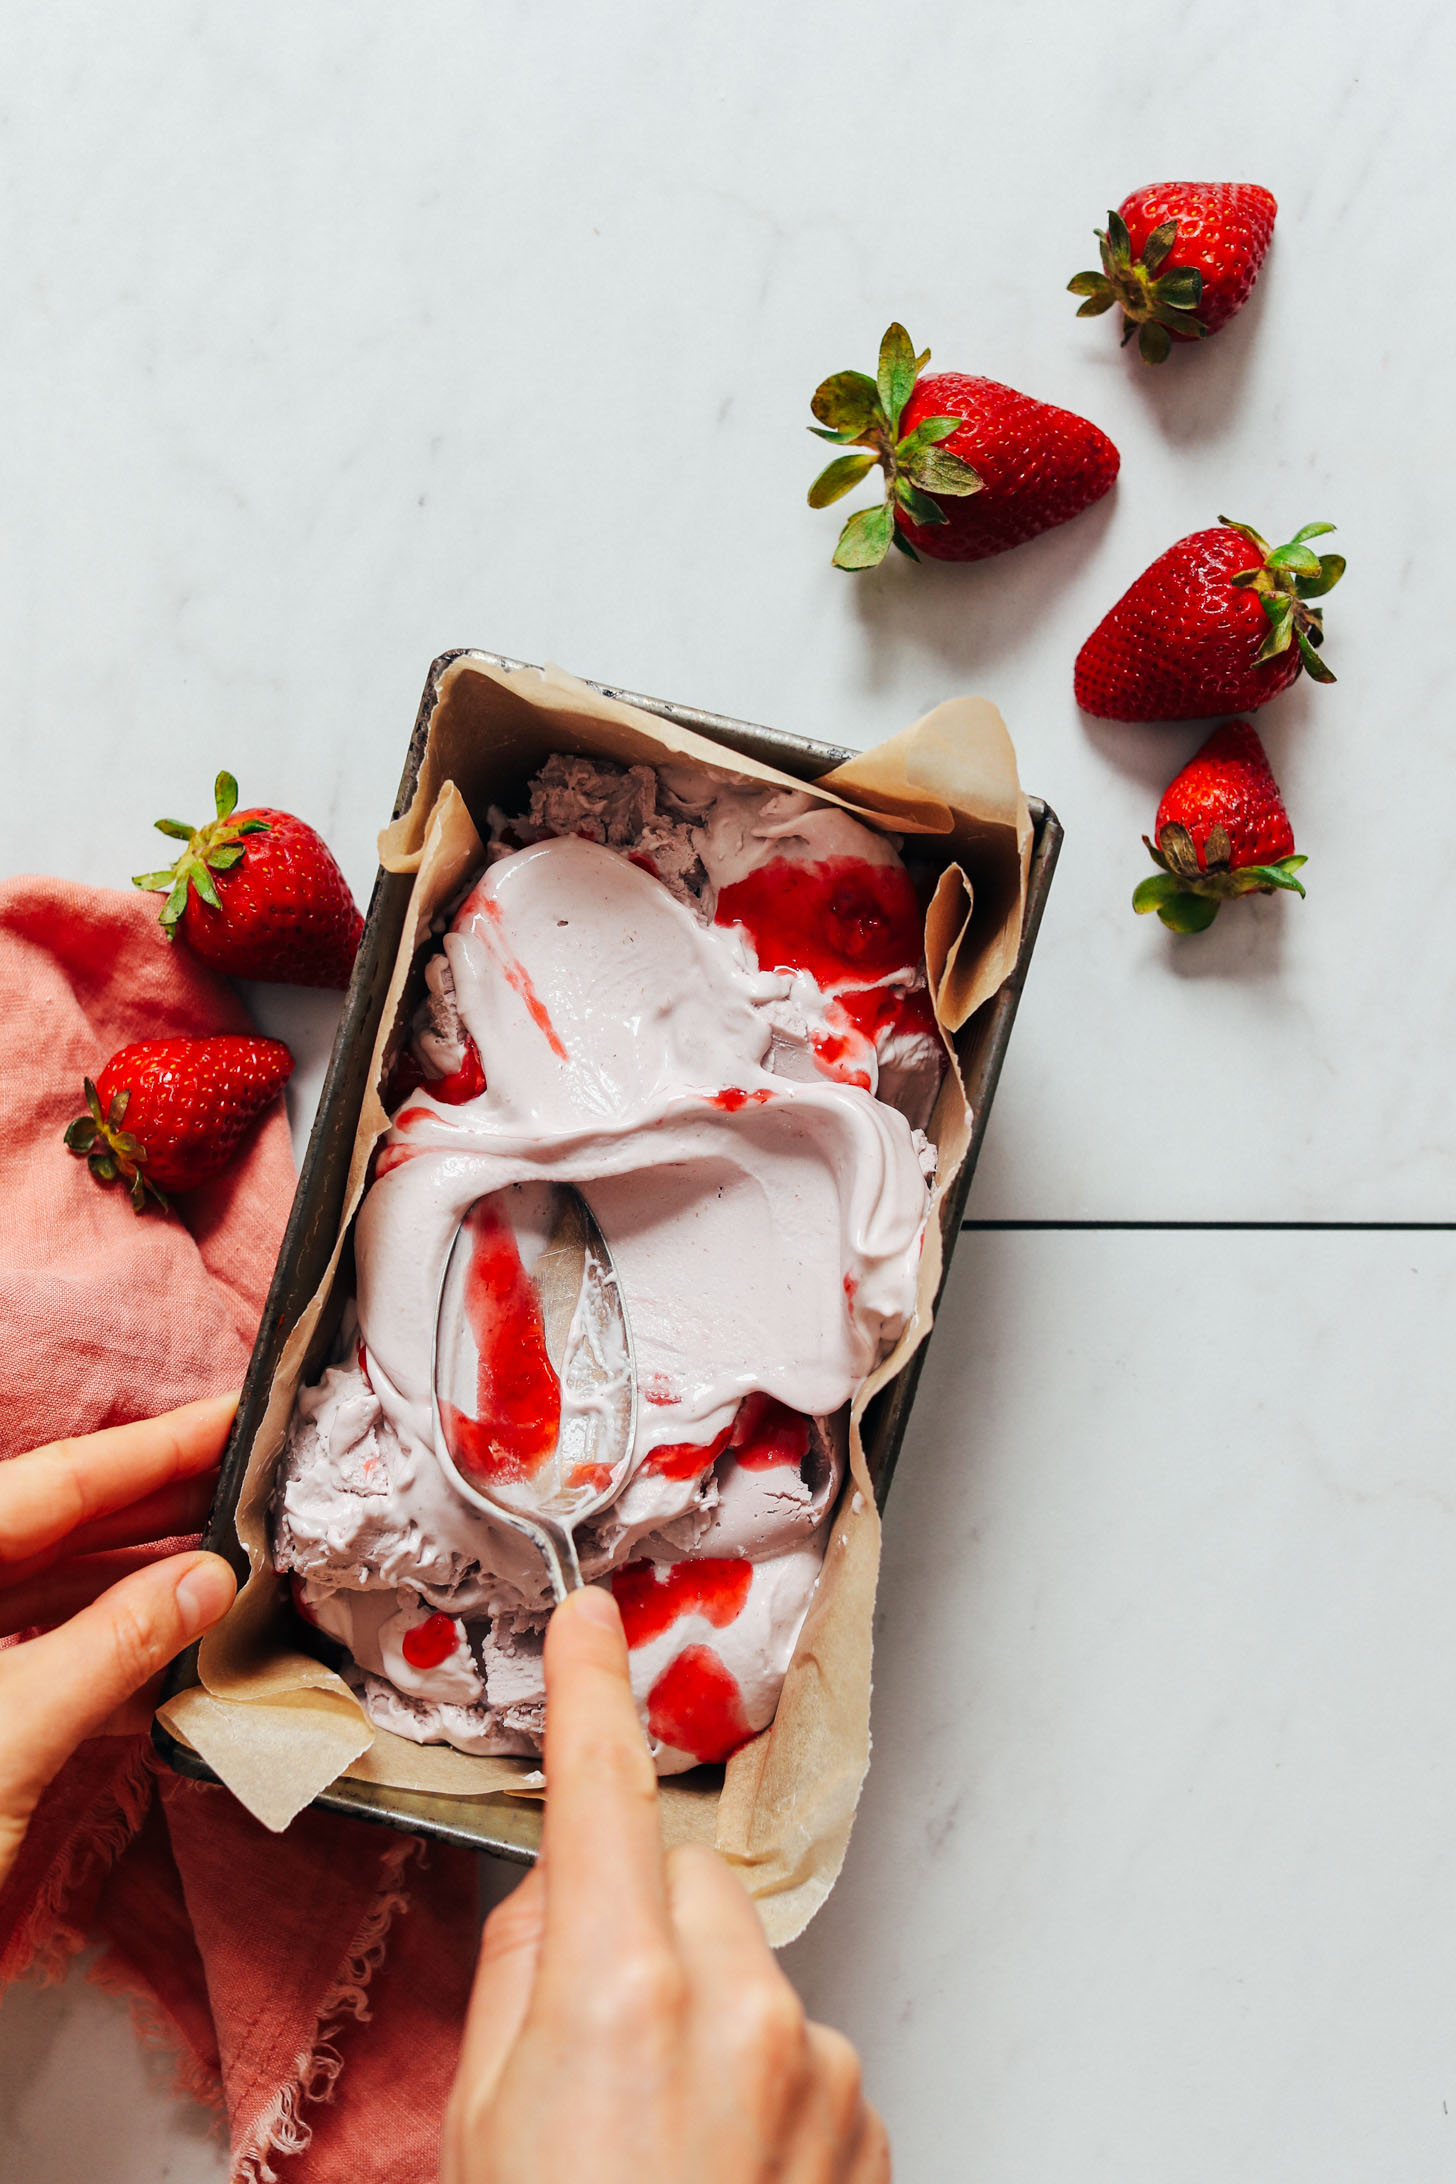 Ajout de tourbillons de compote de fraises à une casserole de glace à la fraise végétalienne